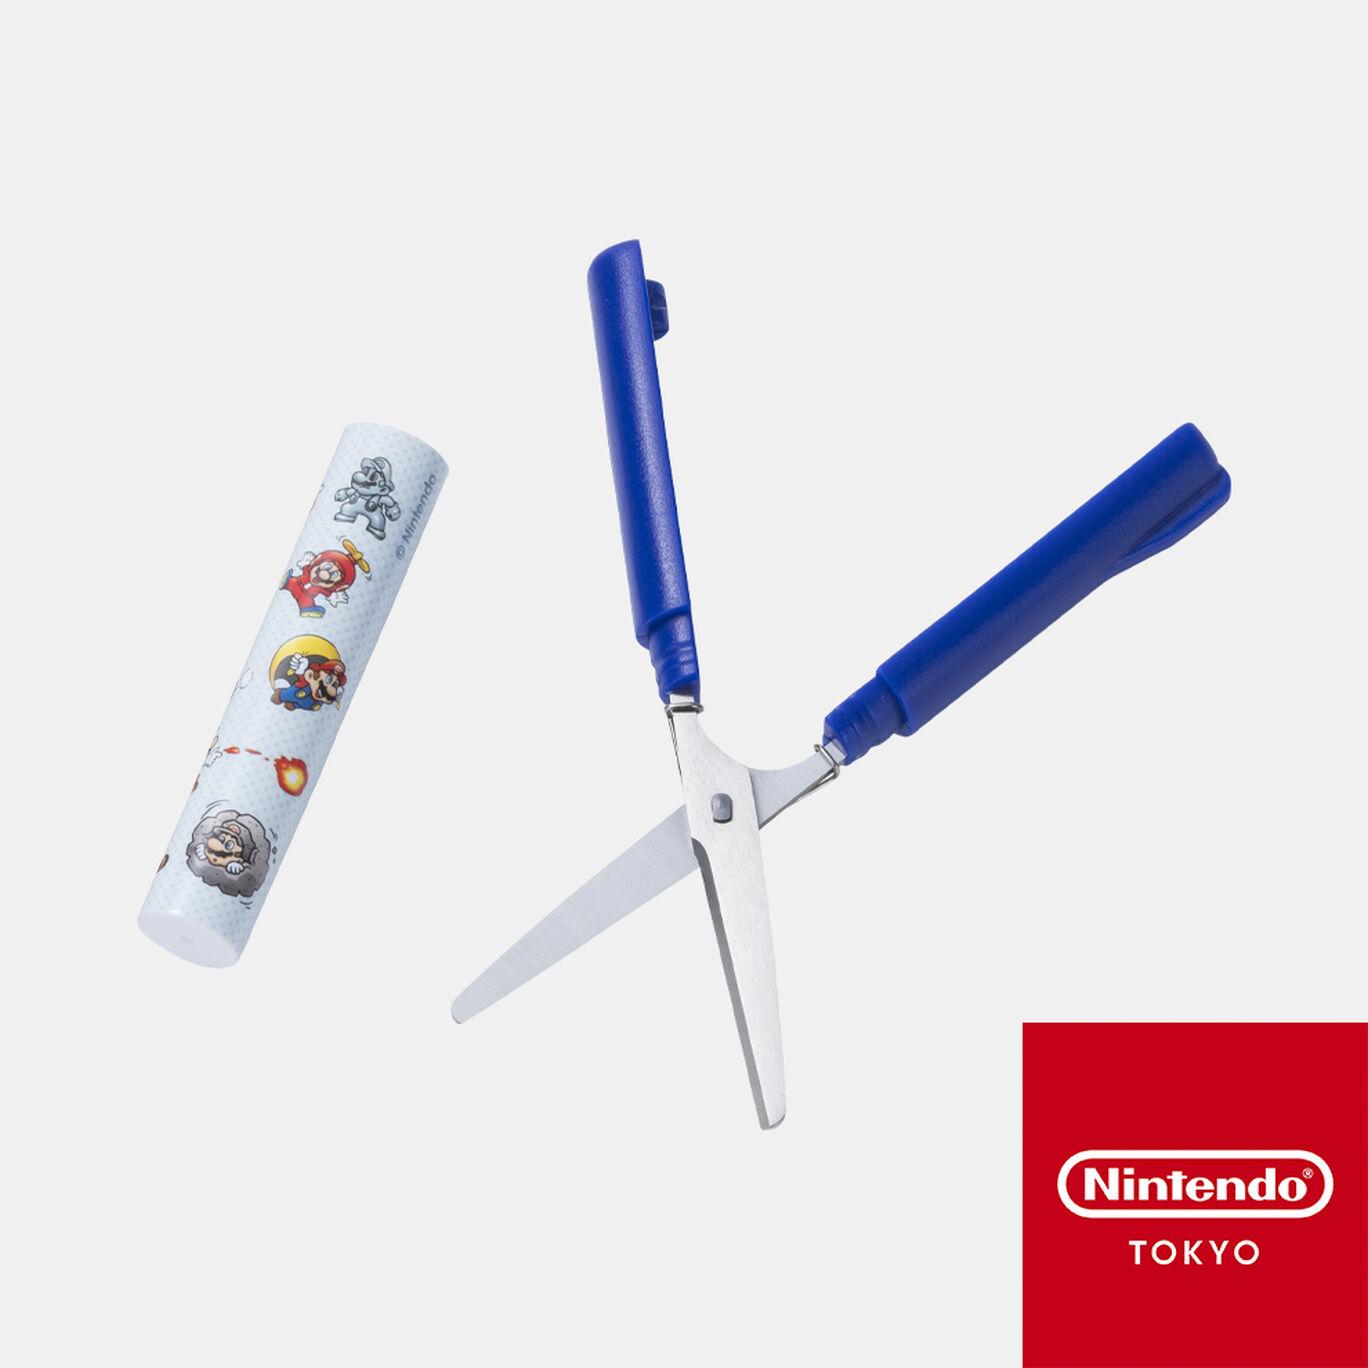 スティッキールはさみ コンパクト スーパーマリオ パワーアップ【Nintendo TOKYO取り扱い商品】